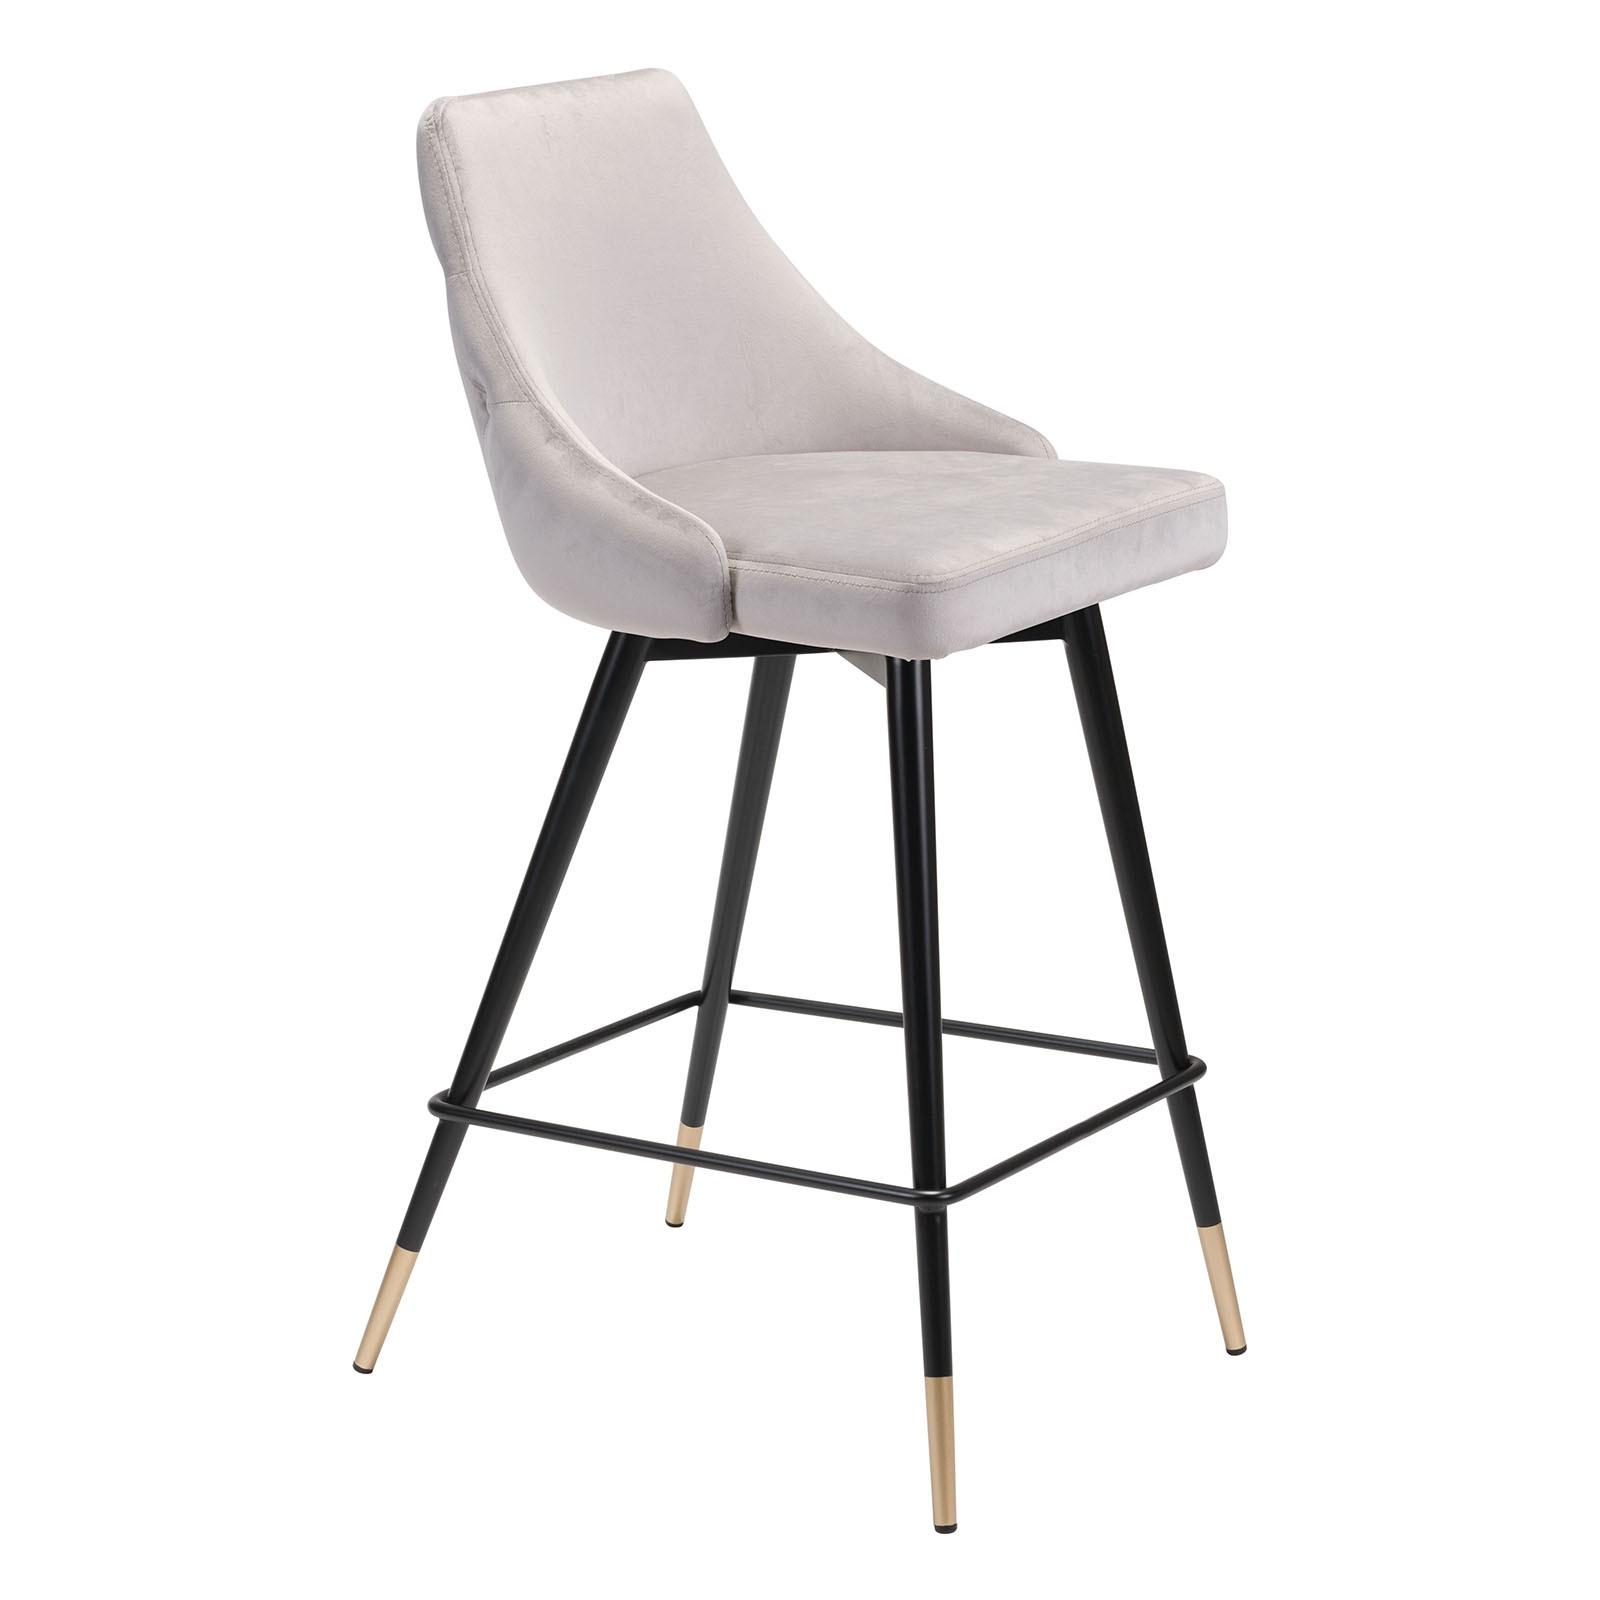 Piccolo Counter Chair